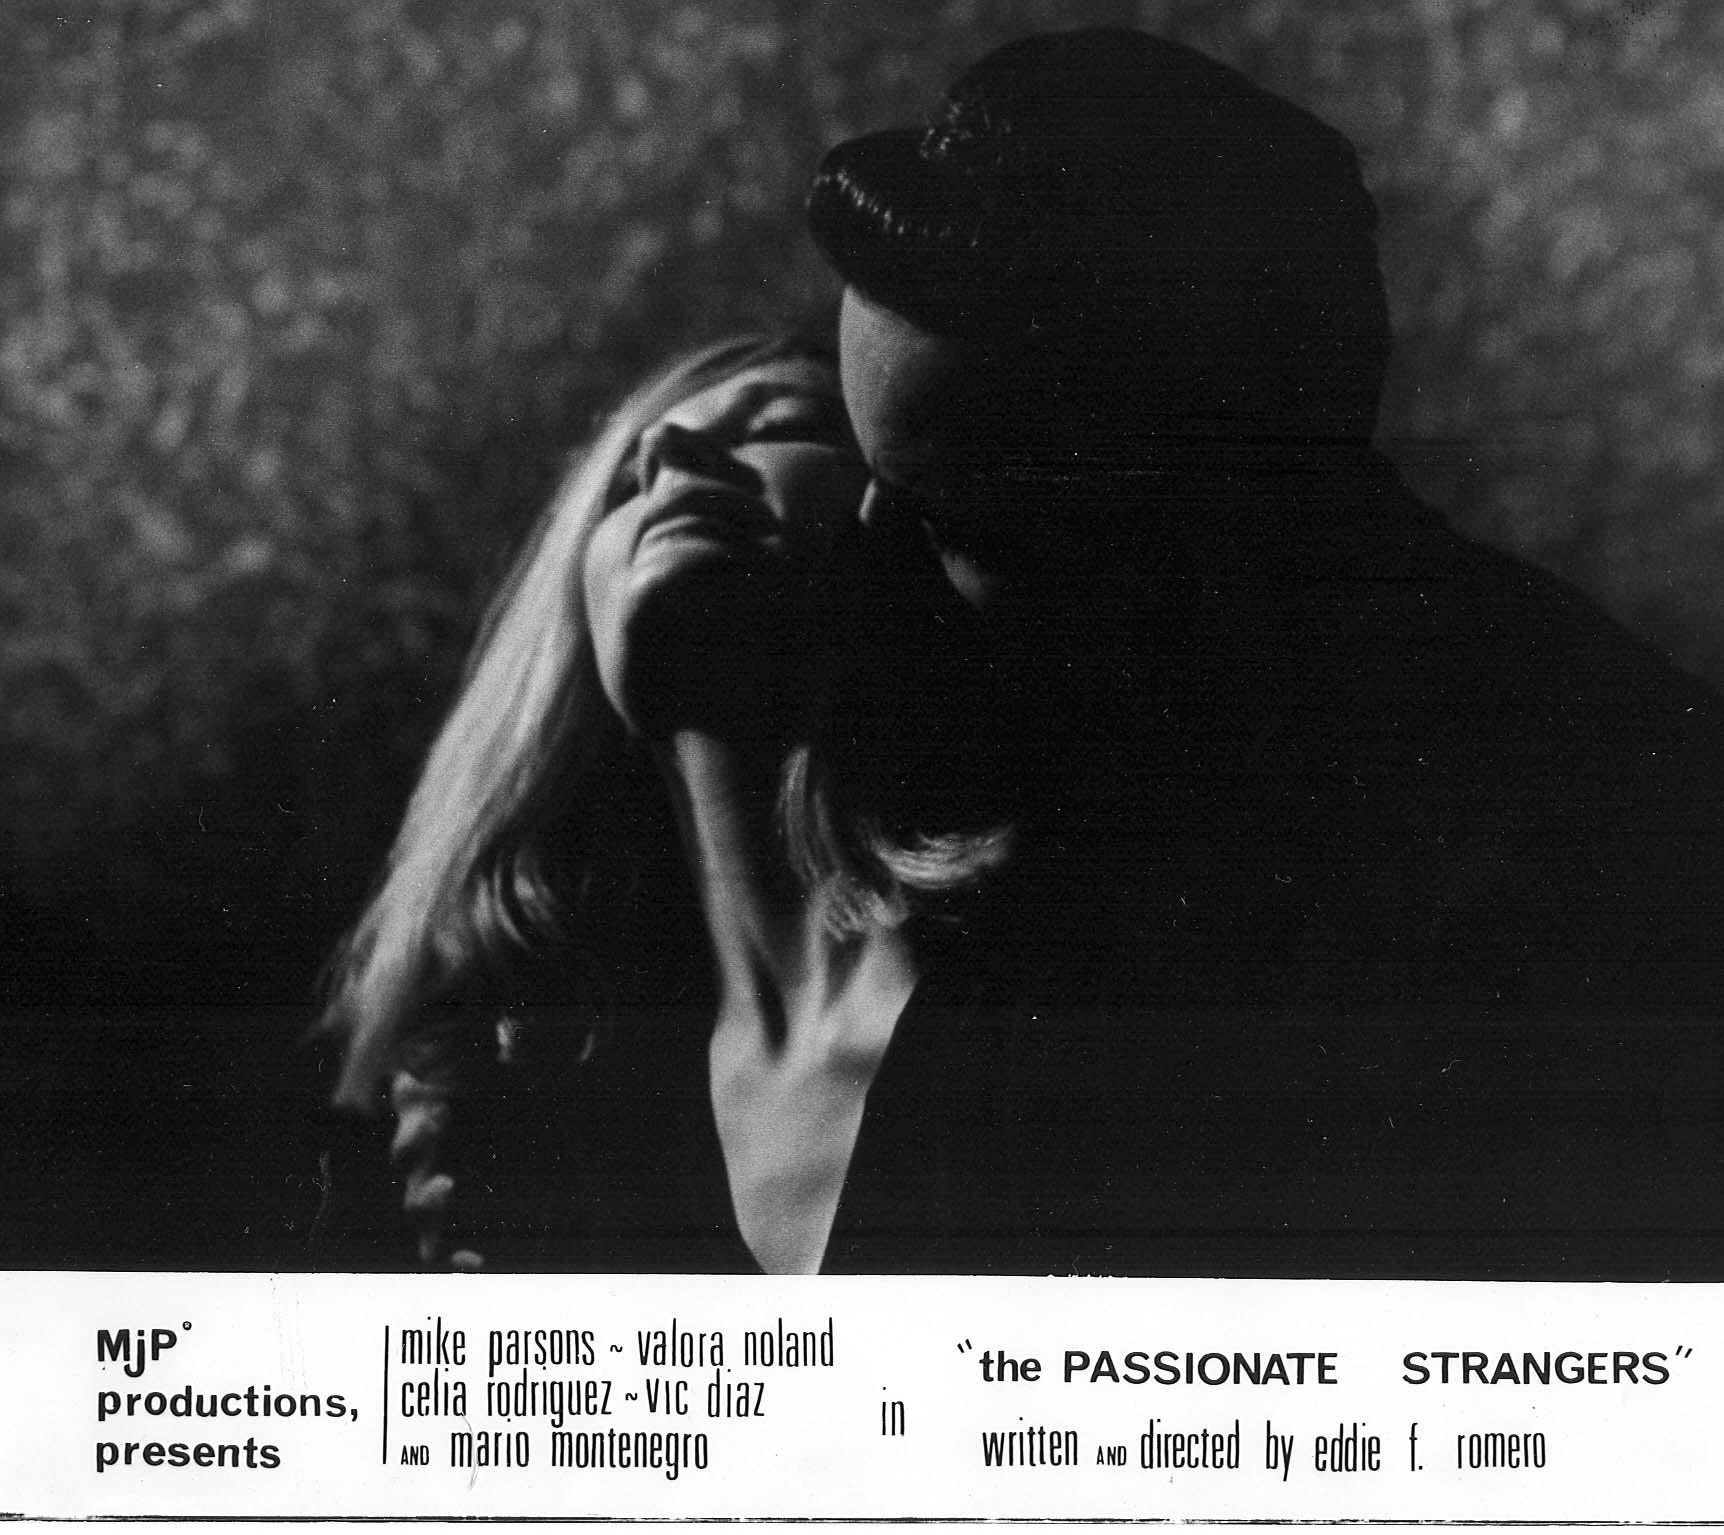 Mario Montenegro and Valora Noland in The Passionate Strangers (1966)